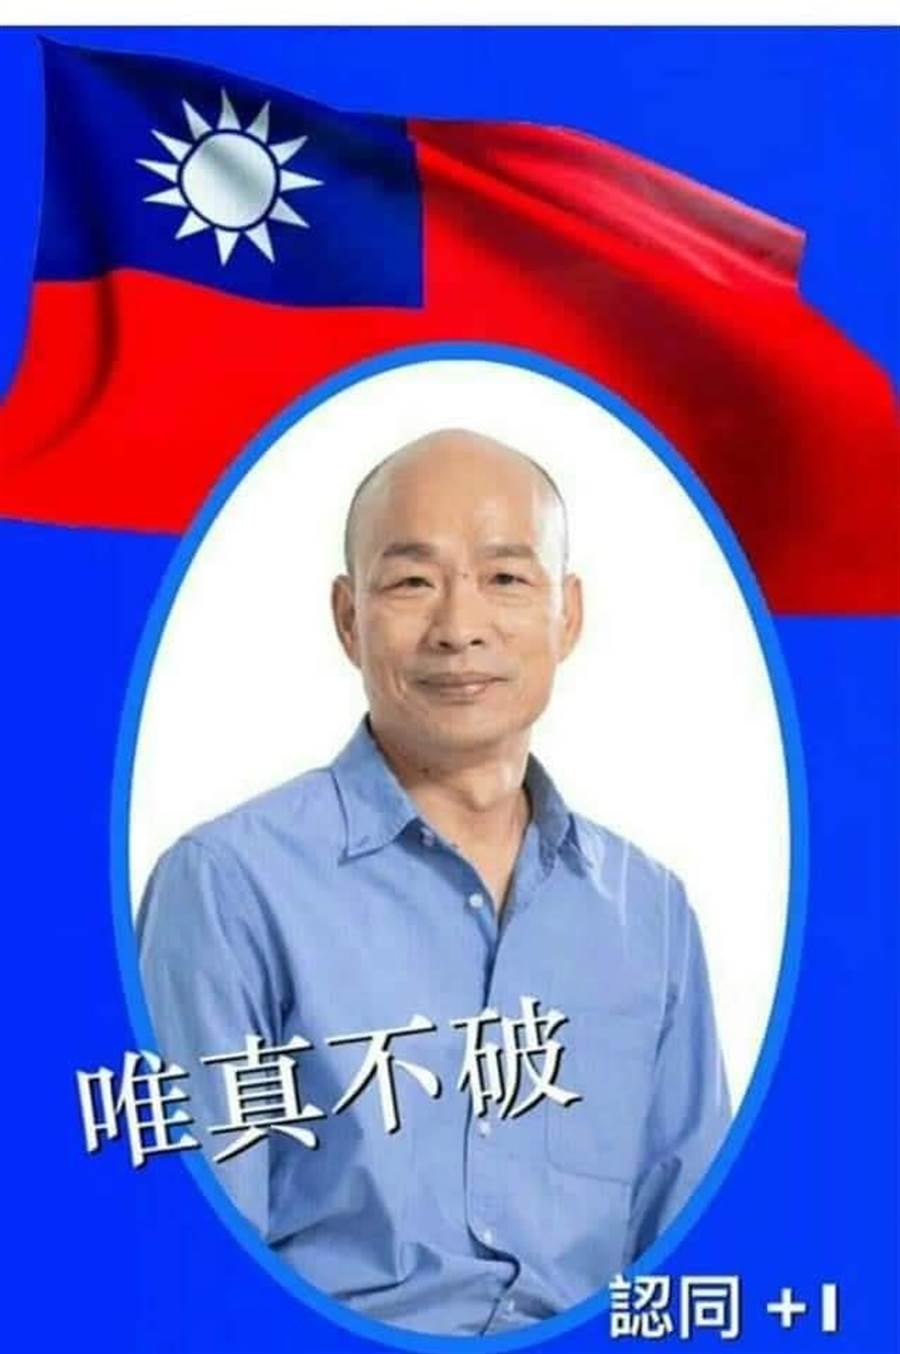 高雄市長韓國瑜。(圖/翻攝自網路)